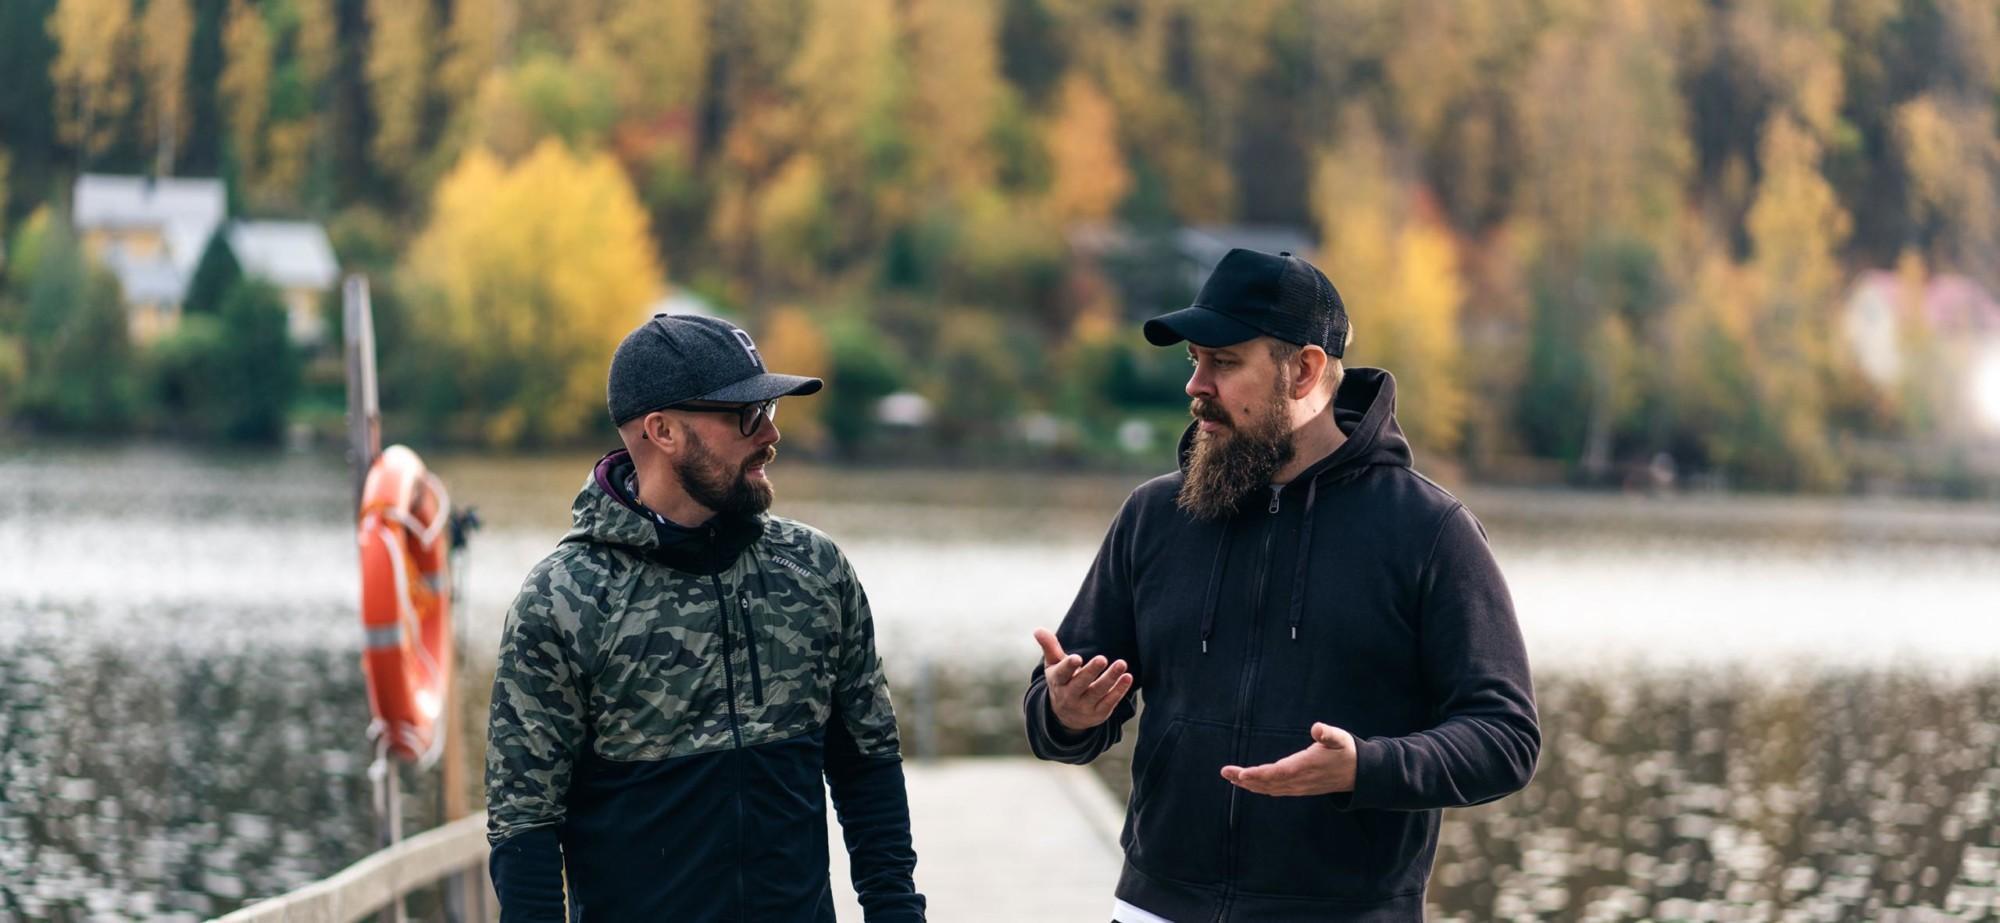 Kaksi miestä seisoo laiturilla keskustelemassa.